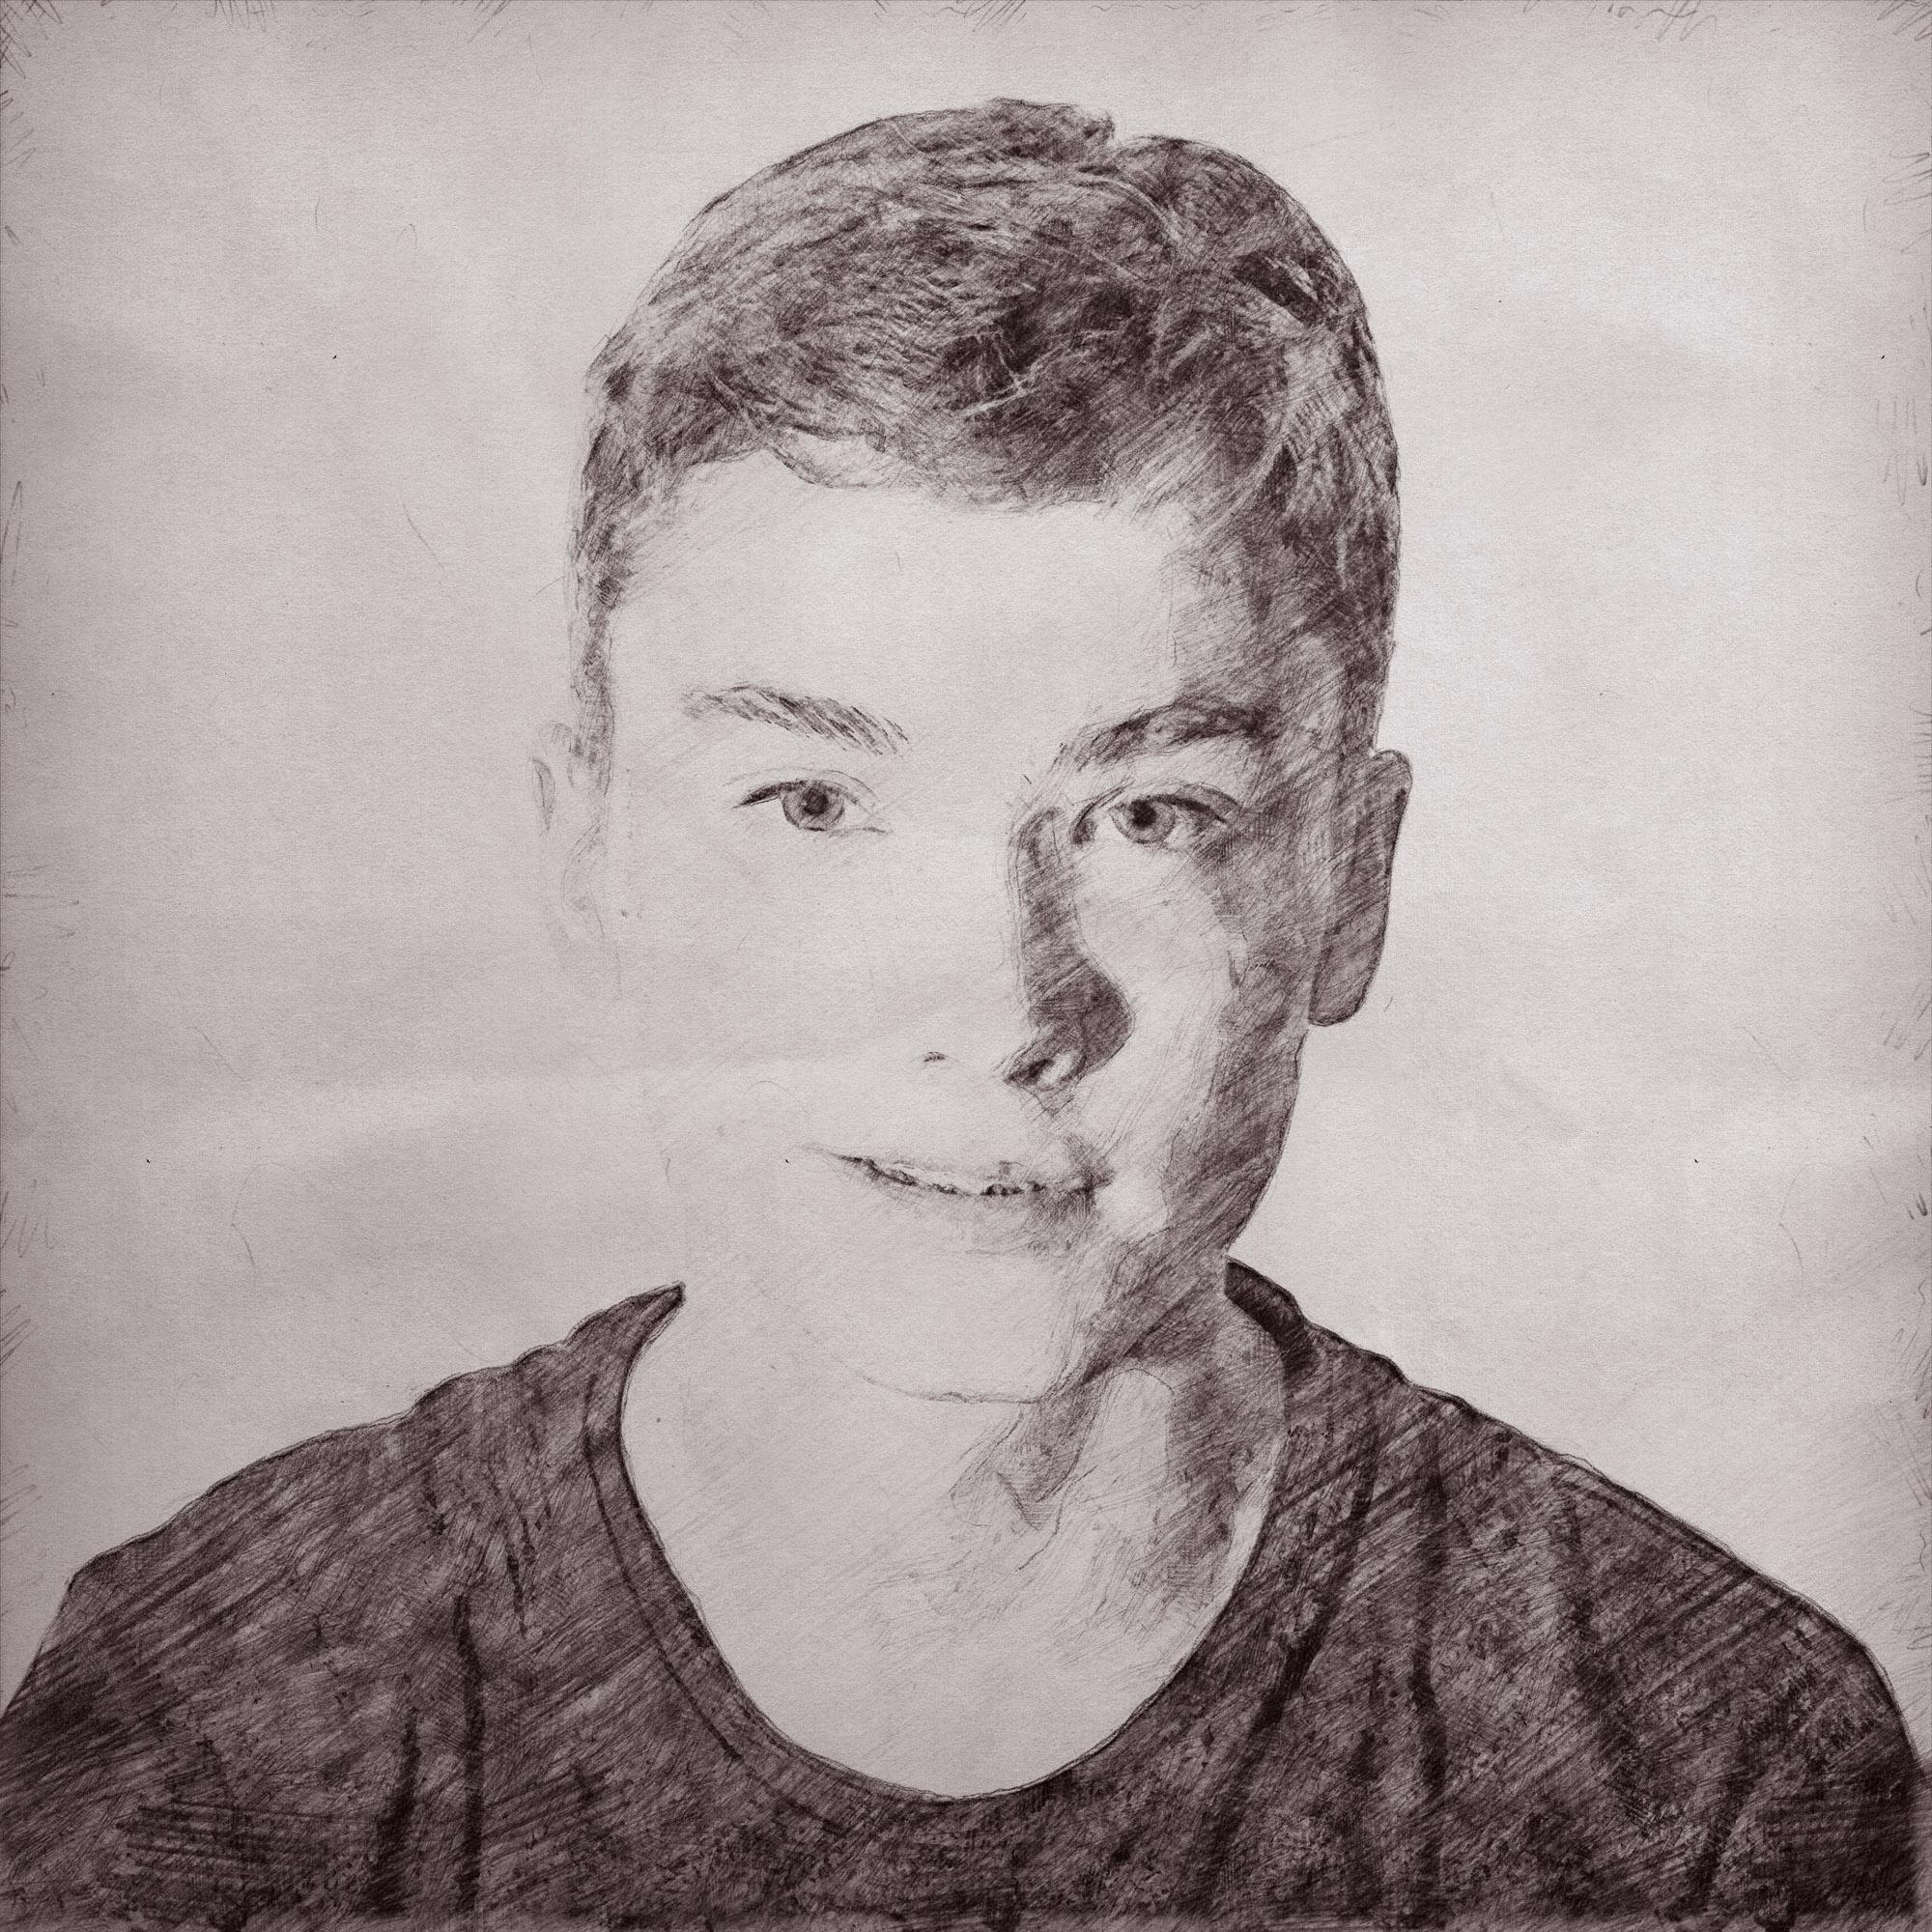 Tobias_Sketch